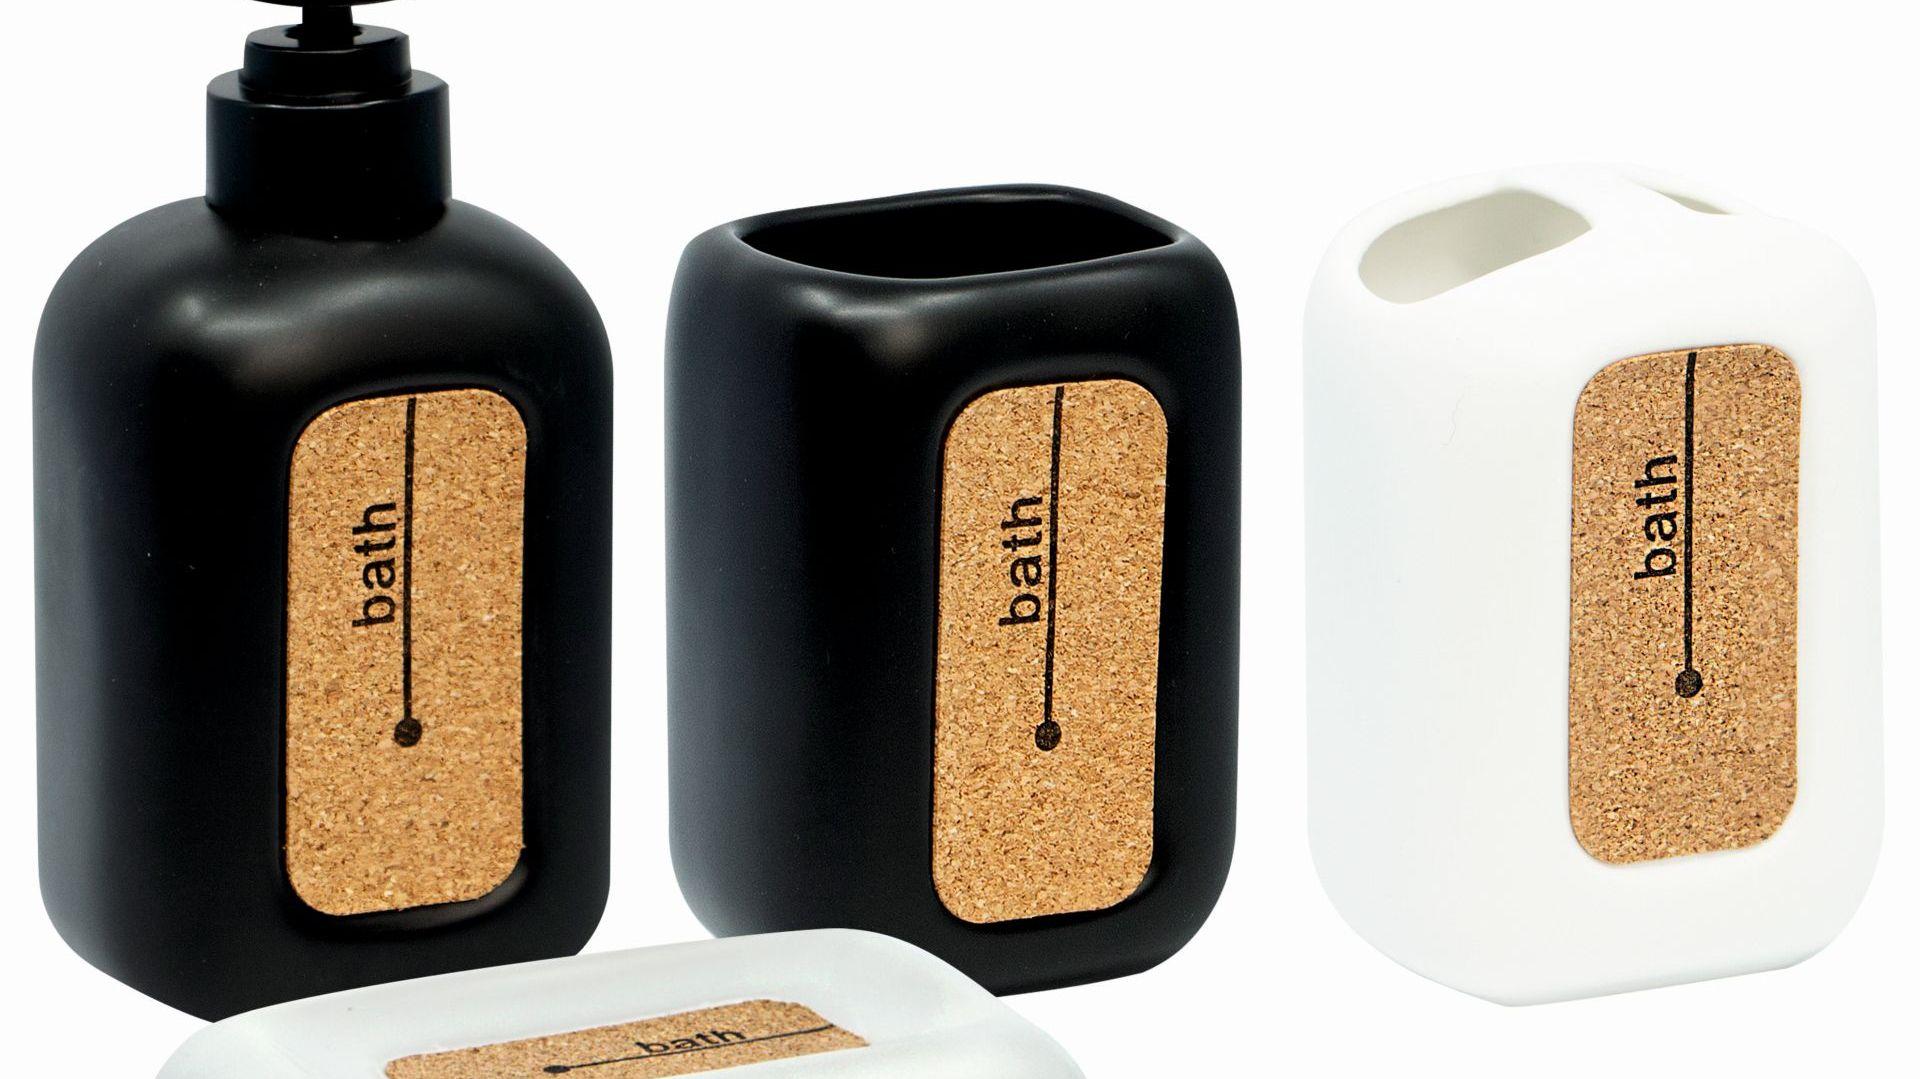 Kolekcja Corsa/Bisk. Produkt zgłoszony do konkursu Dobry Design 2020.